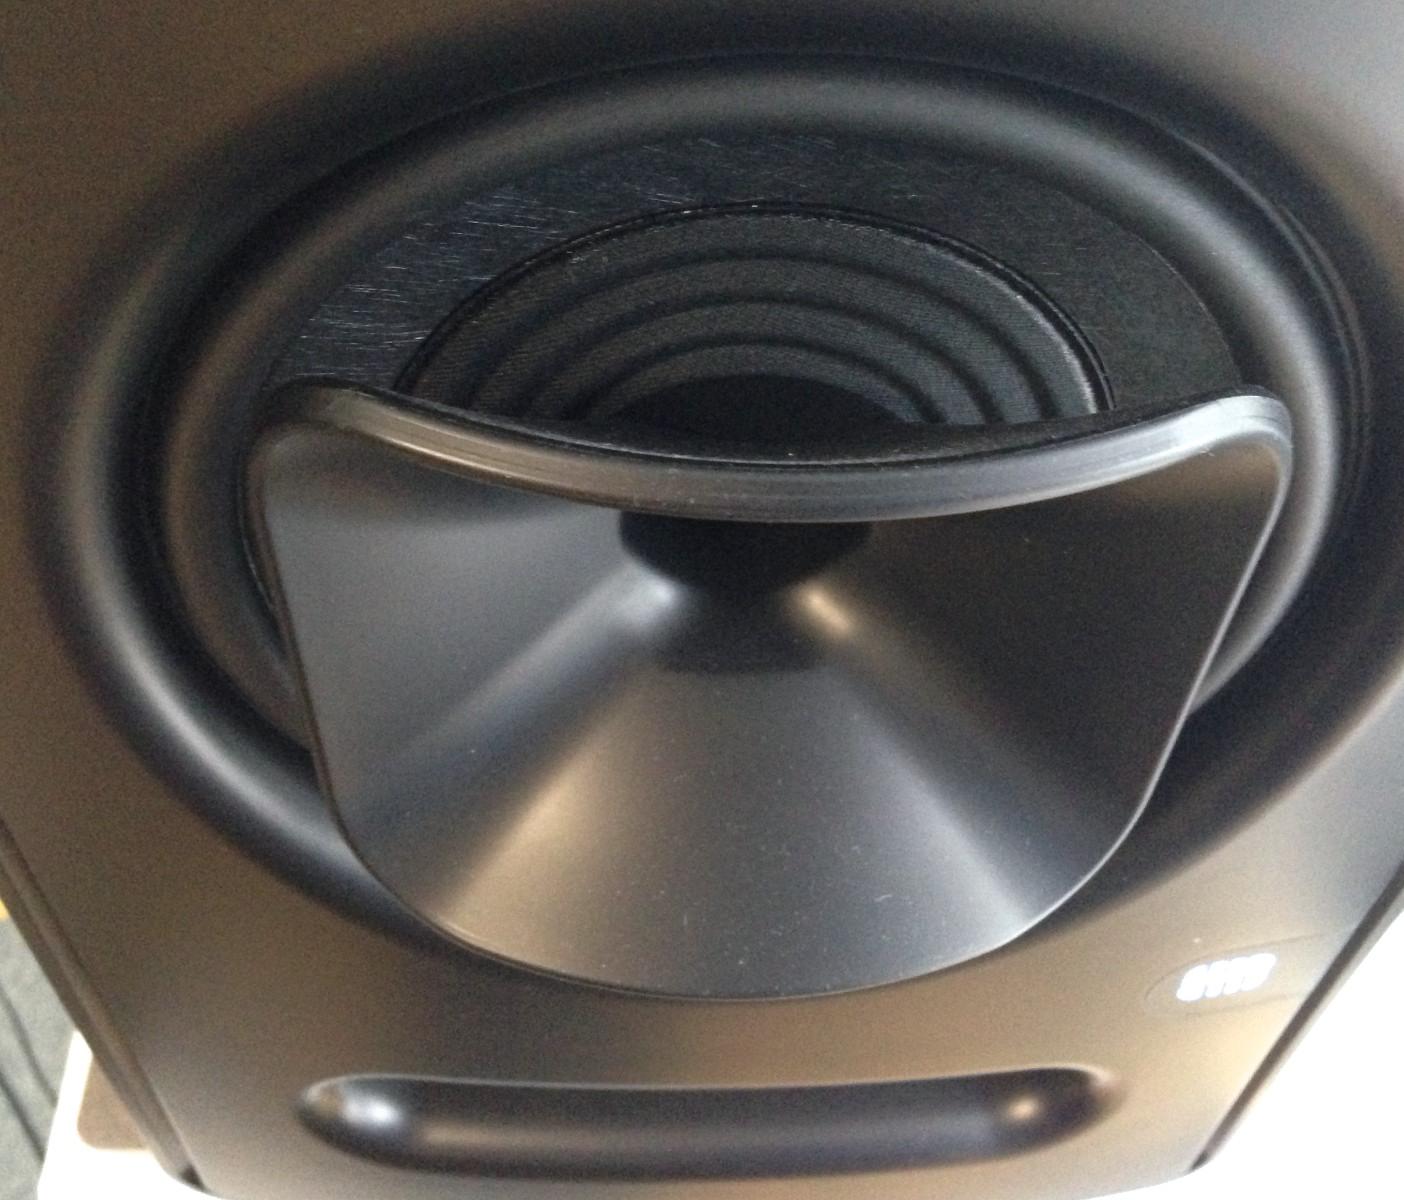 Presonus Sceptre S6 Review : Helter-Sceptre - Audiofanzine